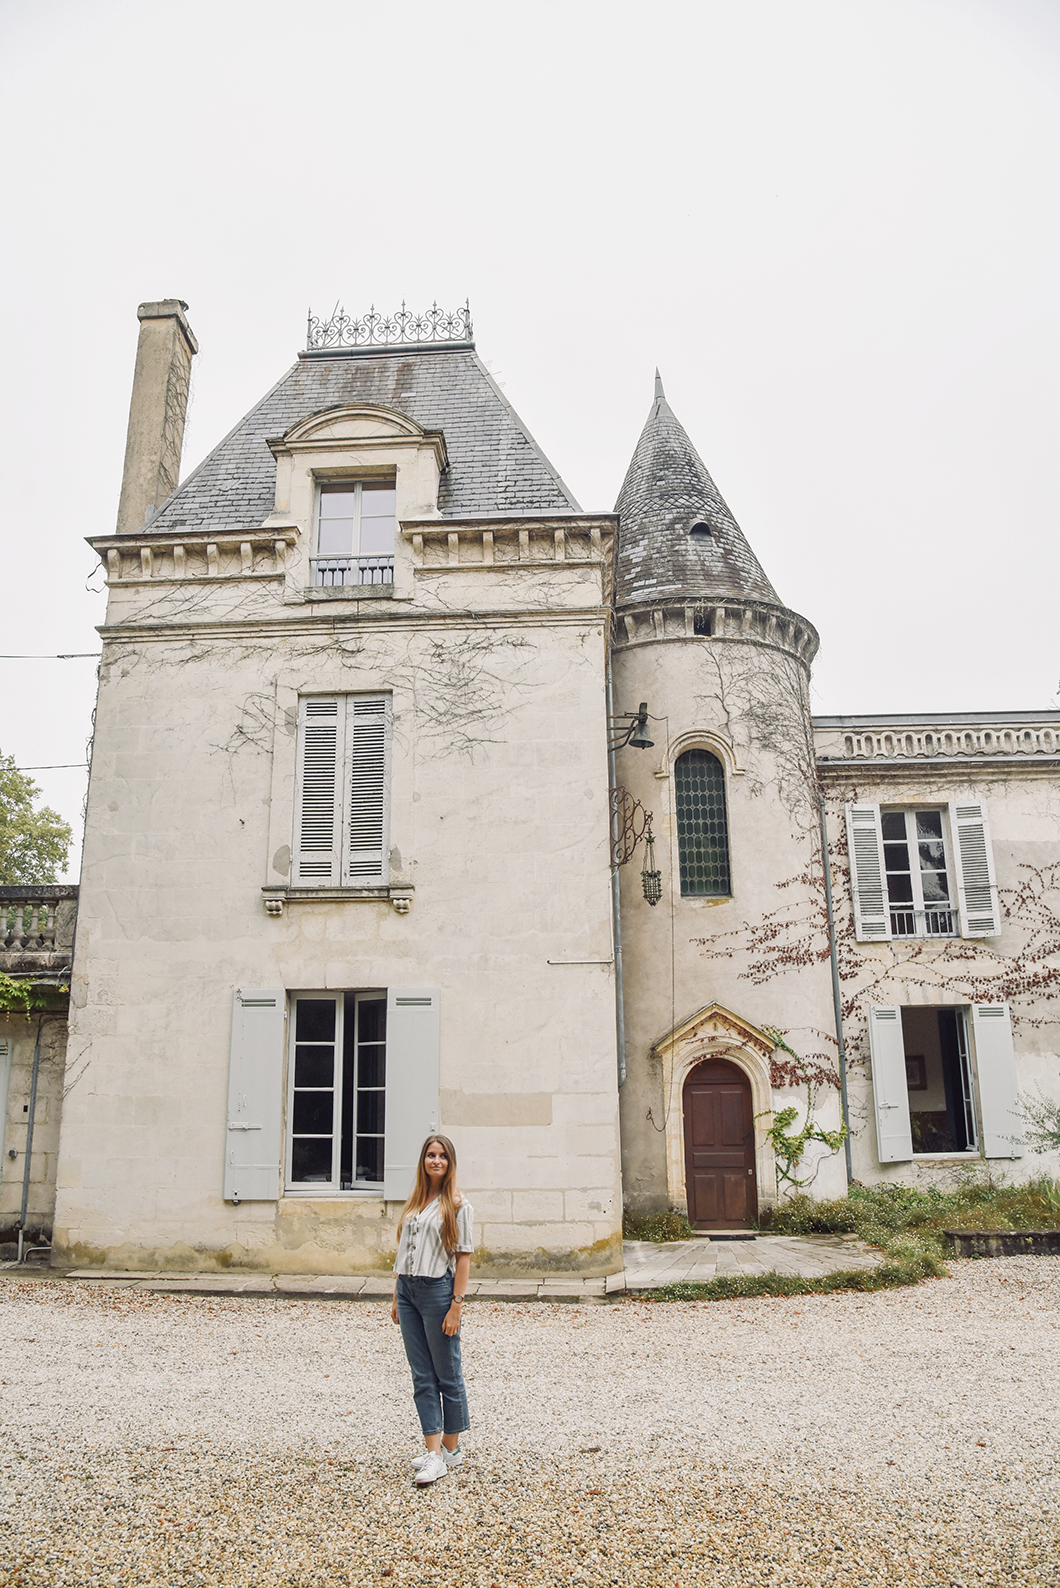 Château Bardins - Cadaujac - Route des Vins de Bordeaux en Graves et Sauternes